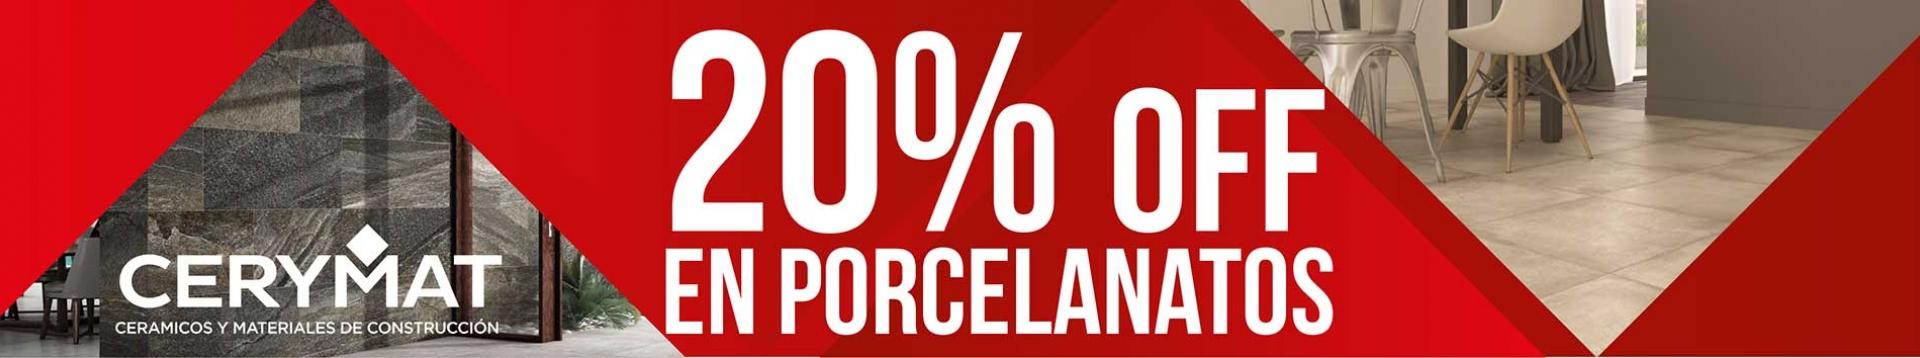 Porcelanatos 20% descuento